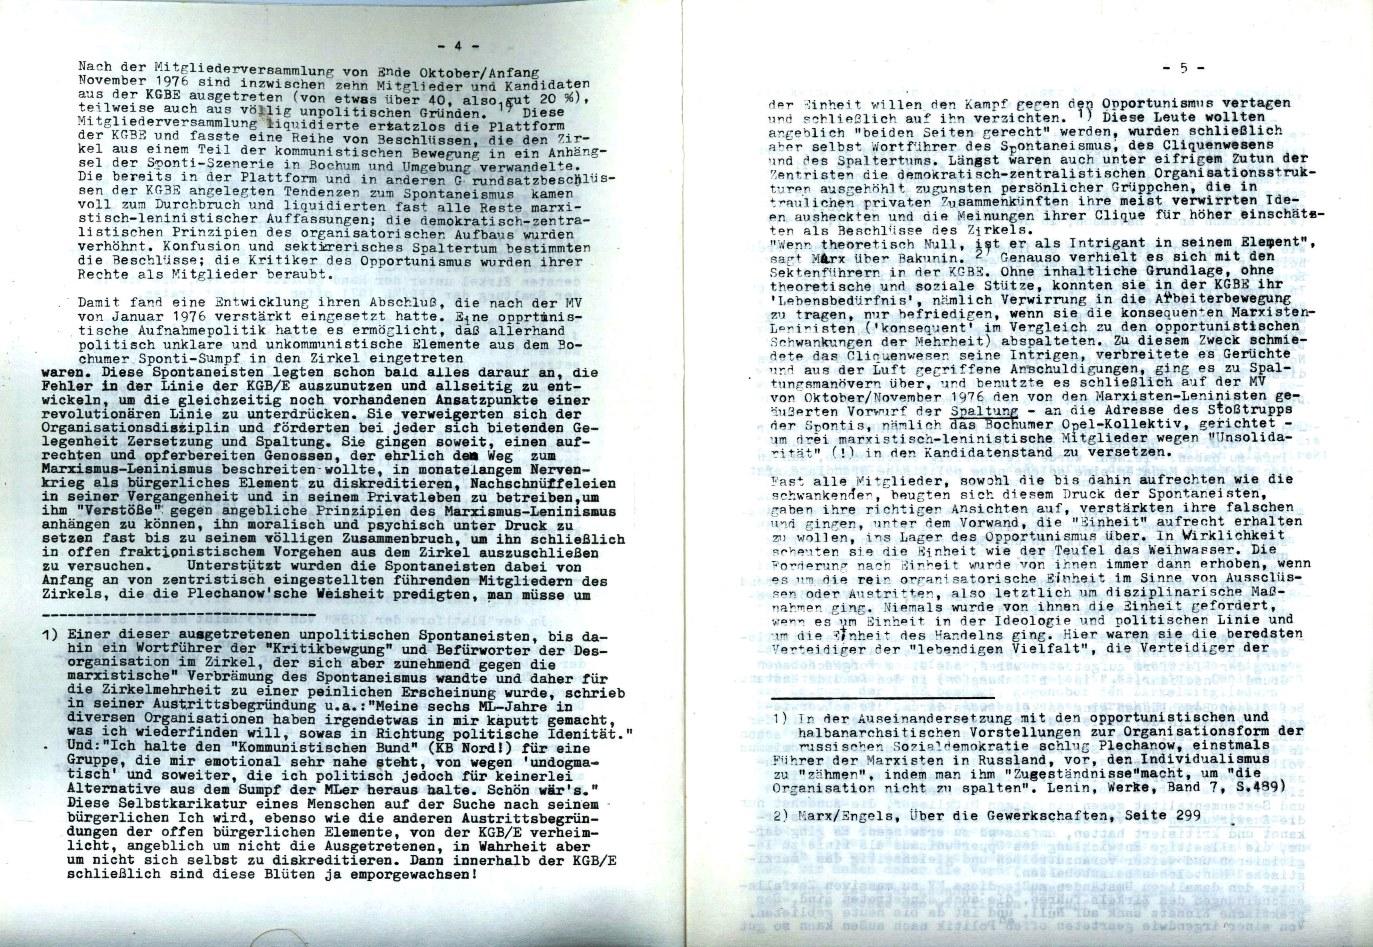 KGBE_Ehemalige_1977_Kritik_an_der_KGBE_06